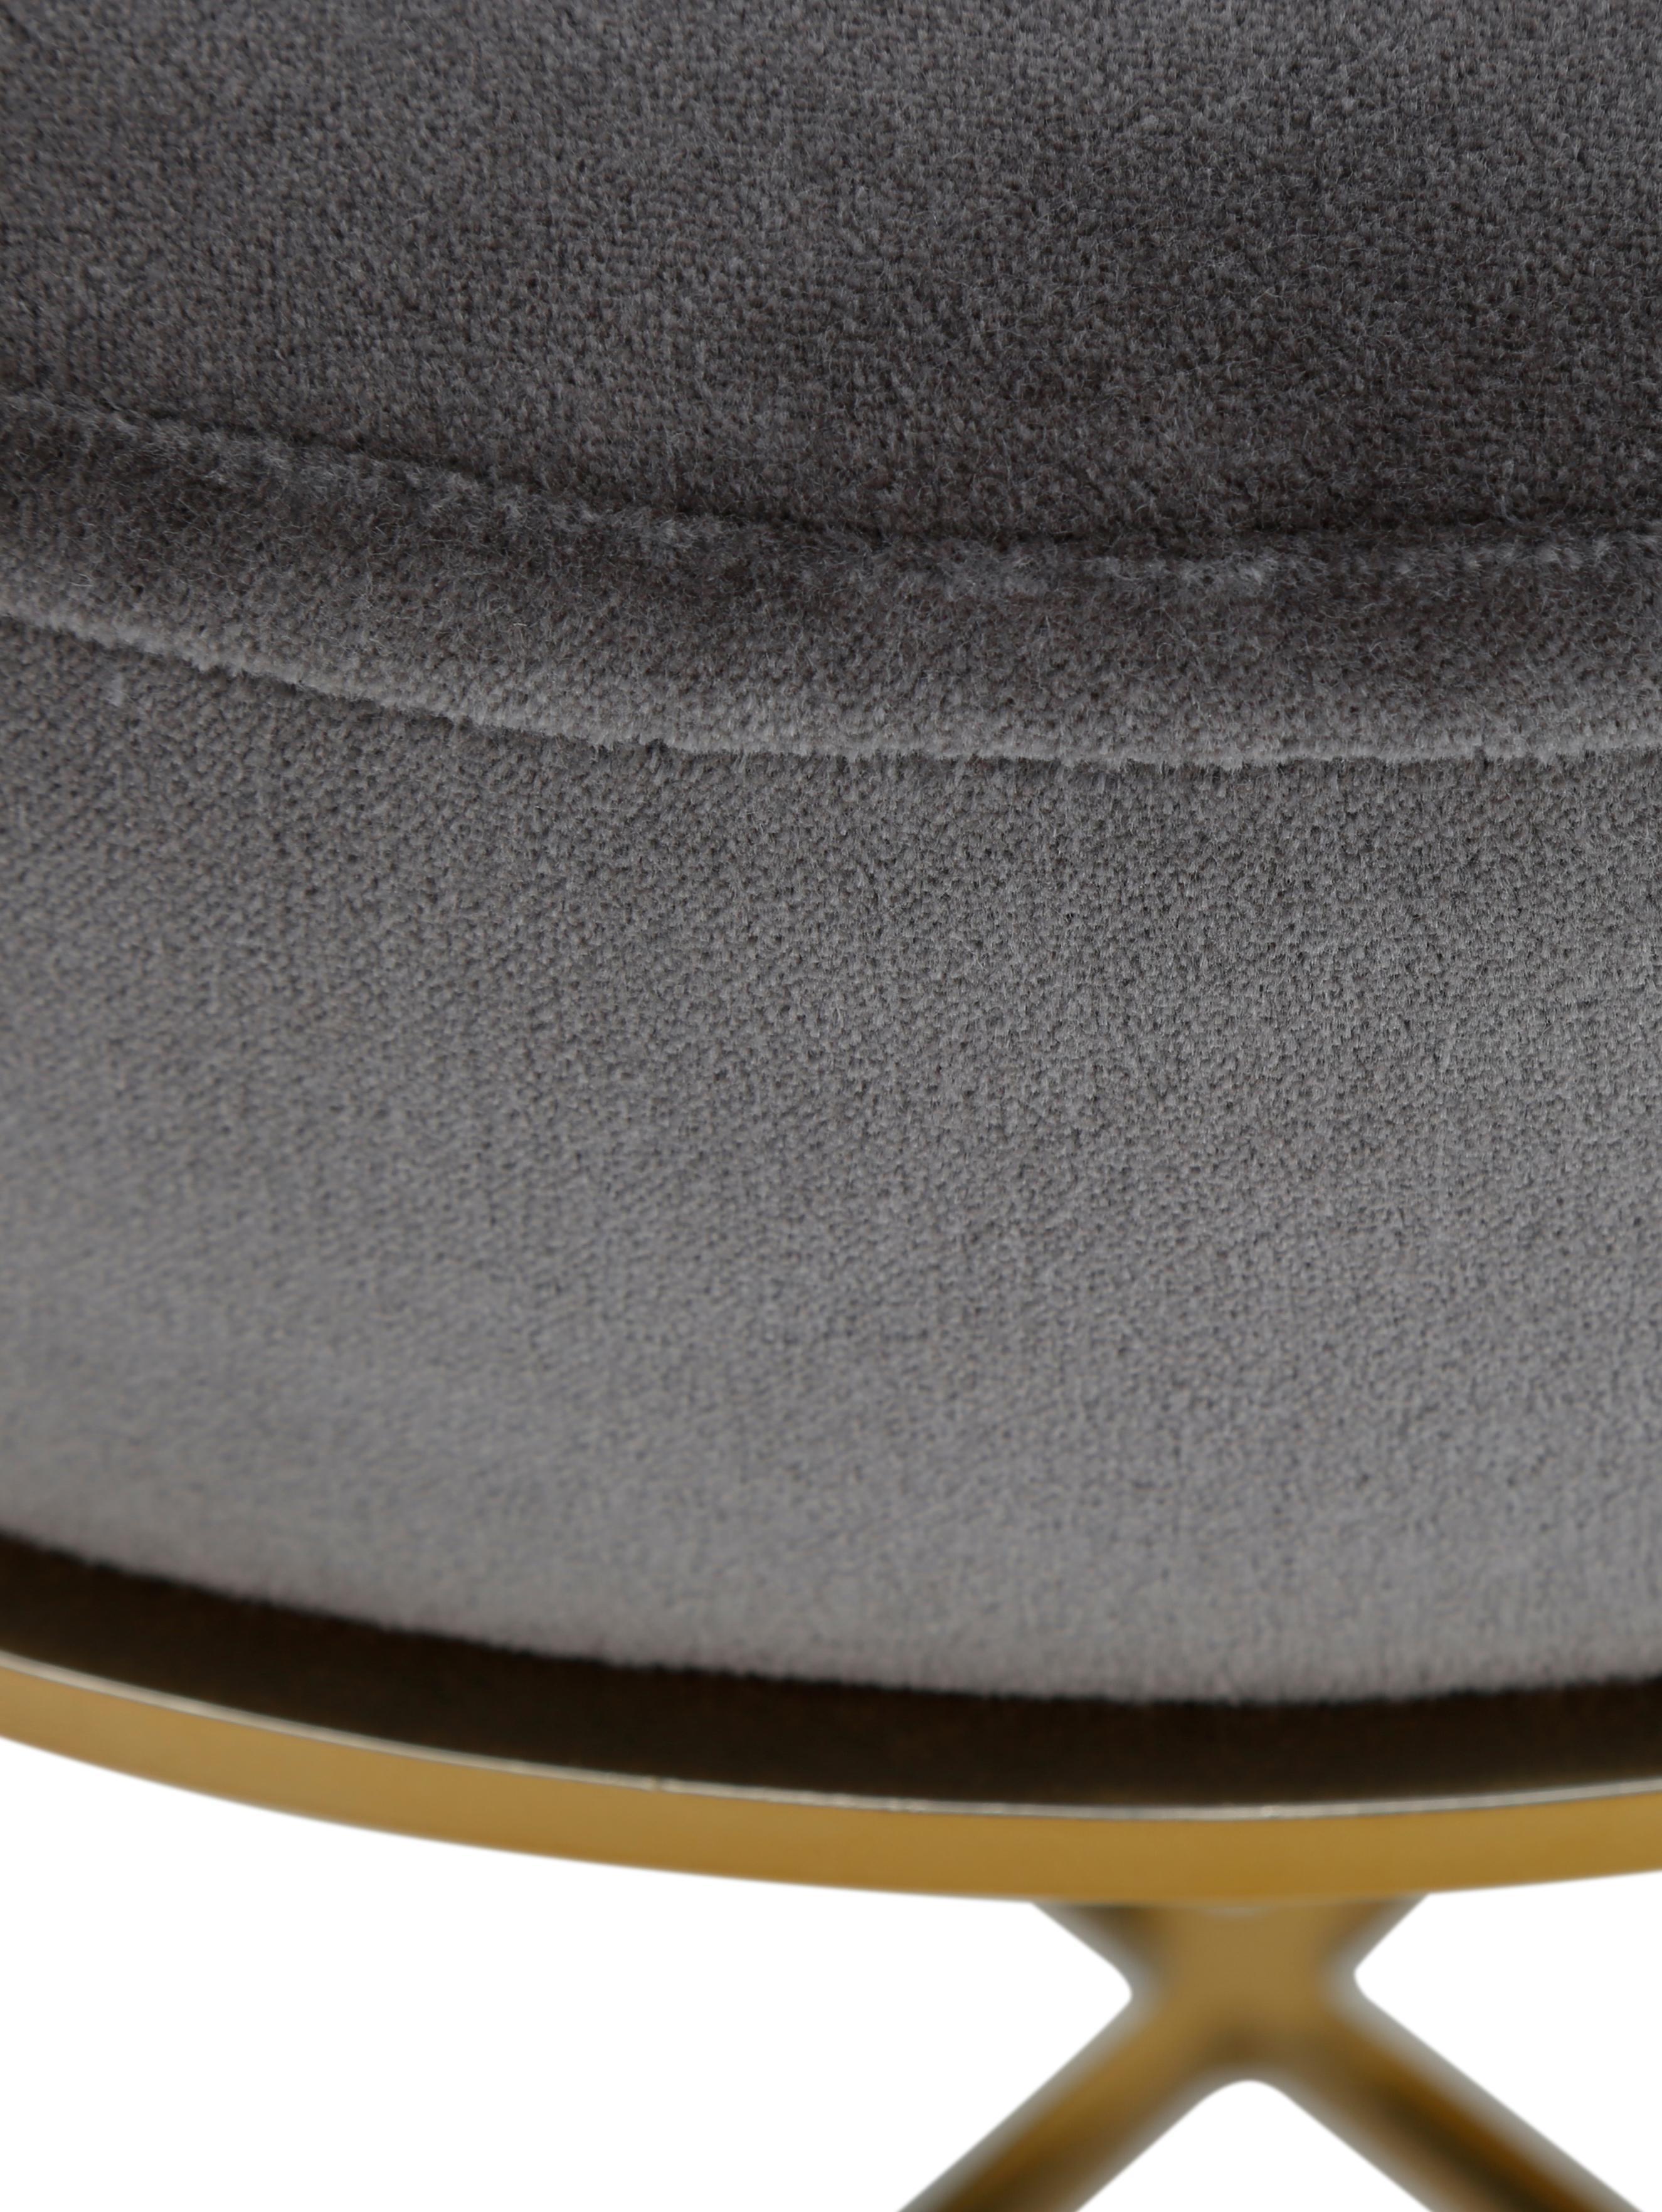 Fluwelen kruk Madeleine met metalen frame, Bekleding: katoen fluweel, Voet: gepoedercoat metaal, Bekleding: donkergrijs. Voet: goudkleurig, mat, Ø 40 x H 50 cm